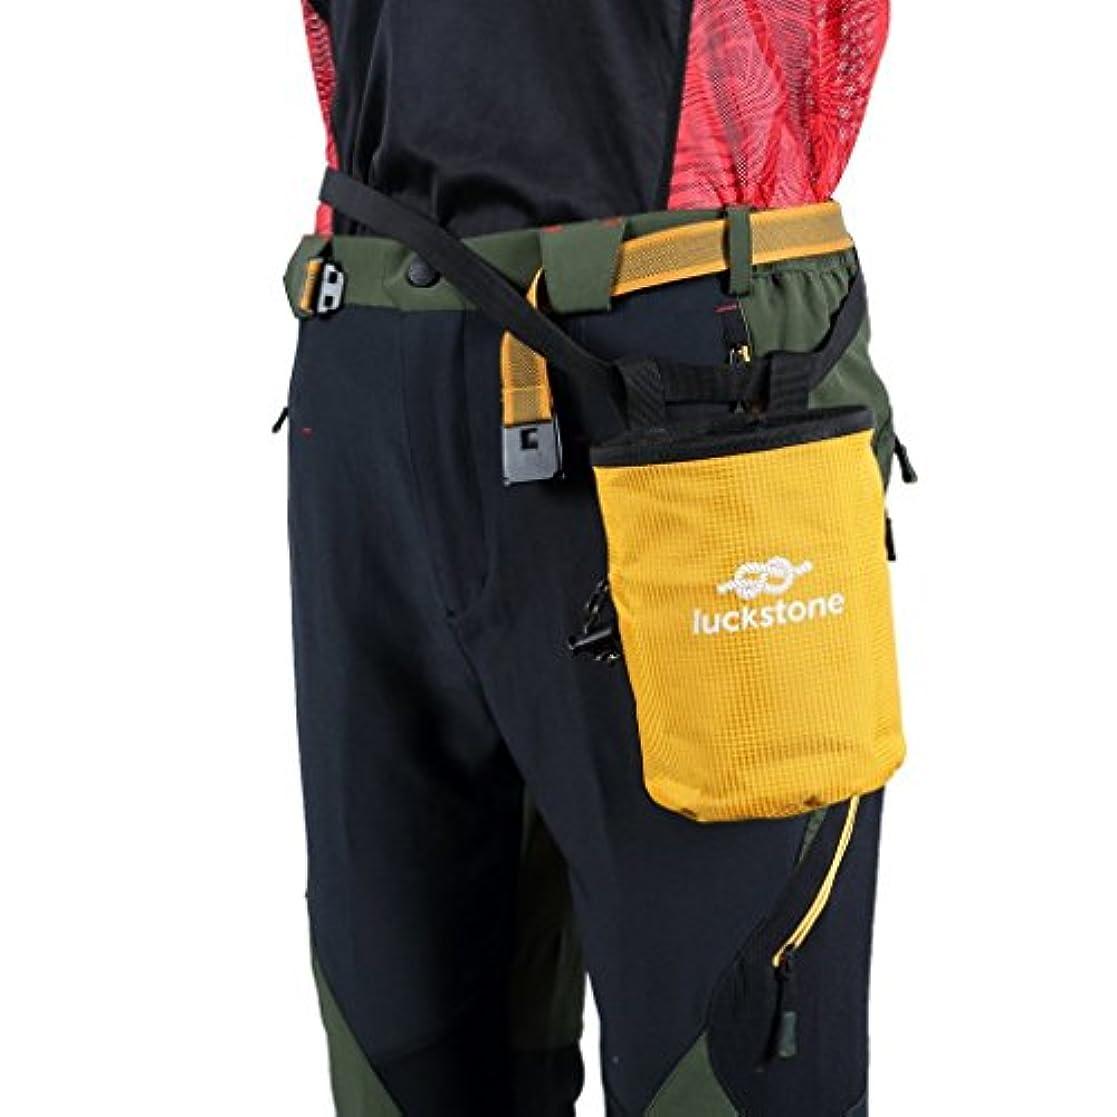 プロペラそっと満足させるチョークバッグ ポケット 防水素材 軽量 登山袋 ロッククライミング 重量挙げ ボルダリング 体操 男女兼用 5色選べ